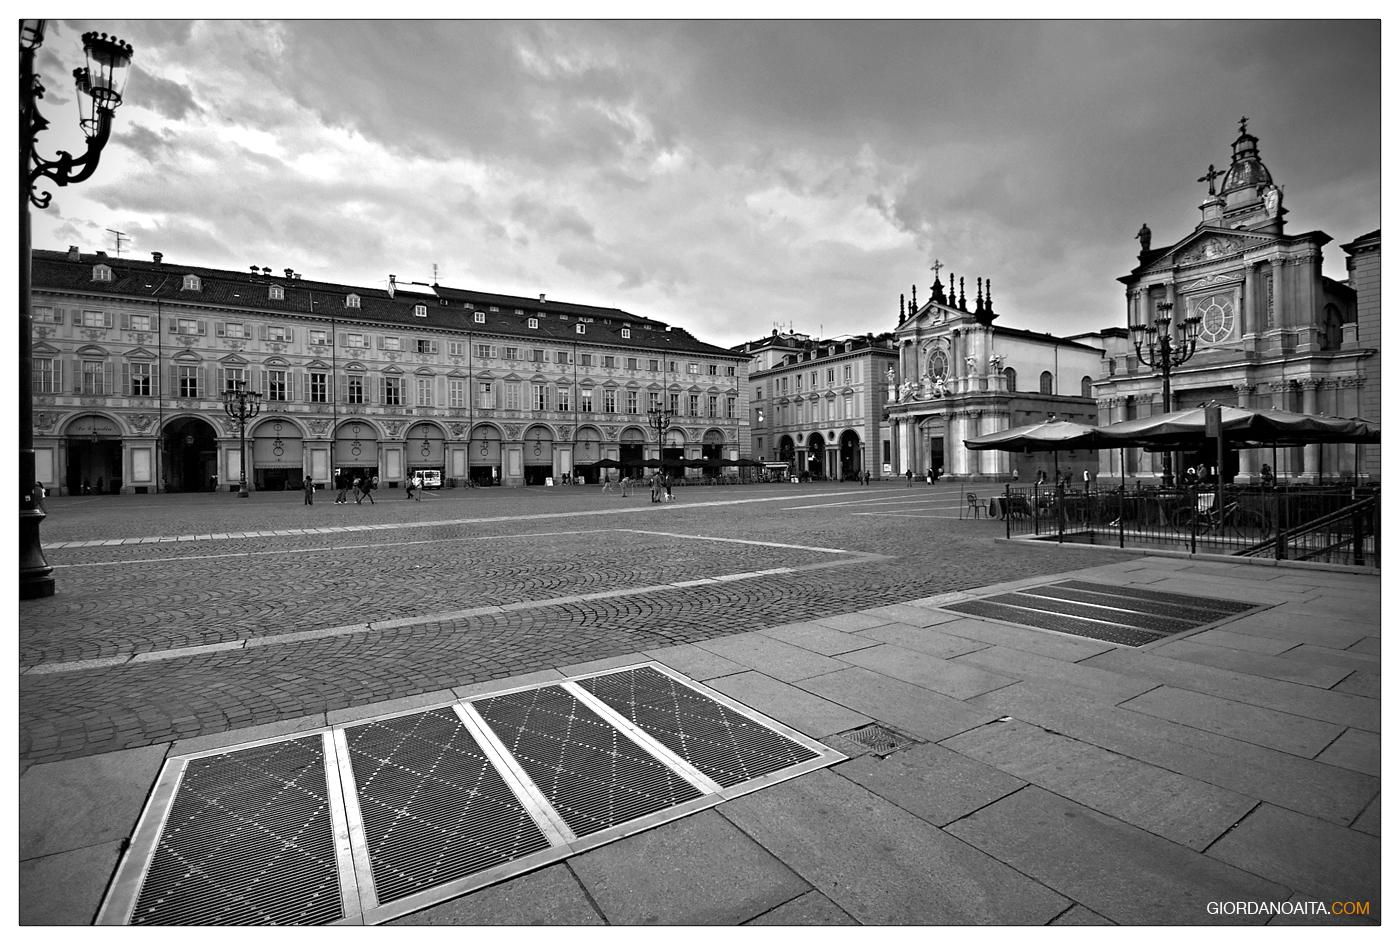 Turin Italy by jordygraph